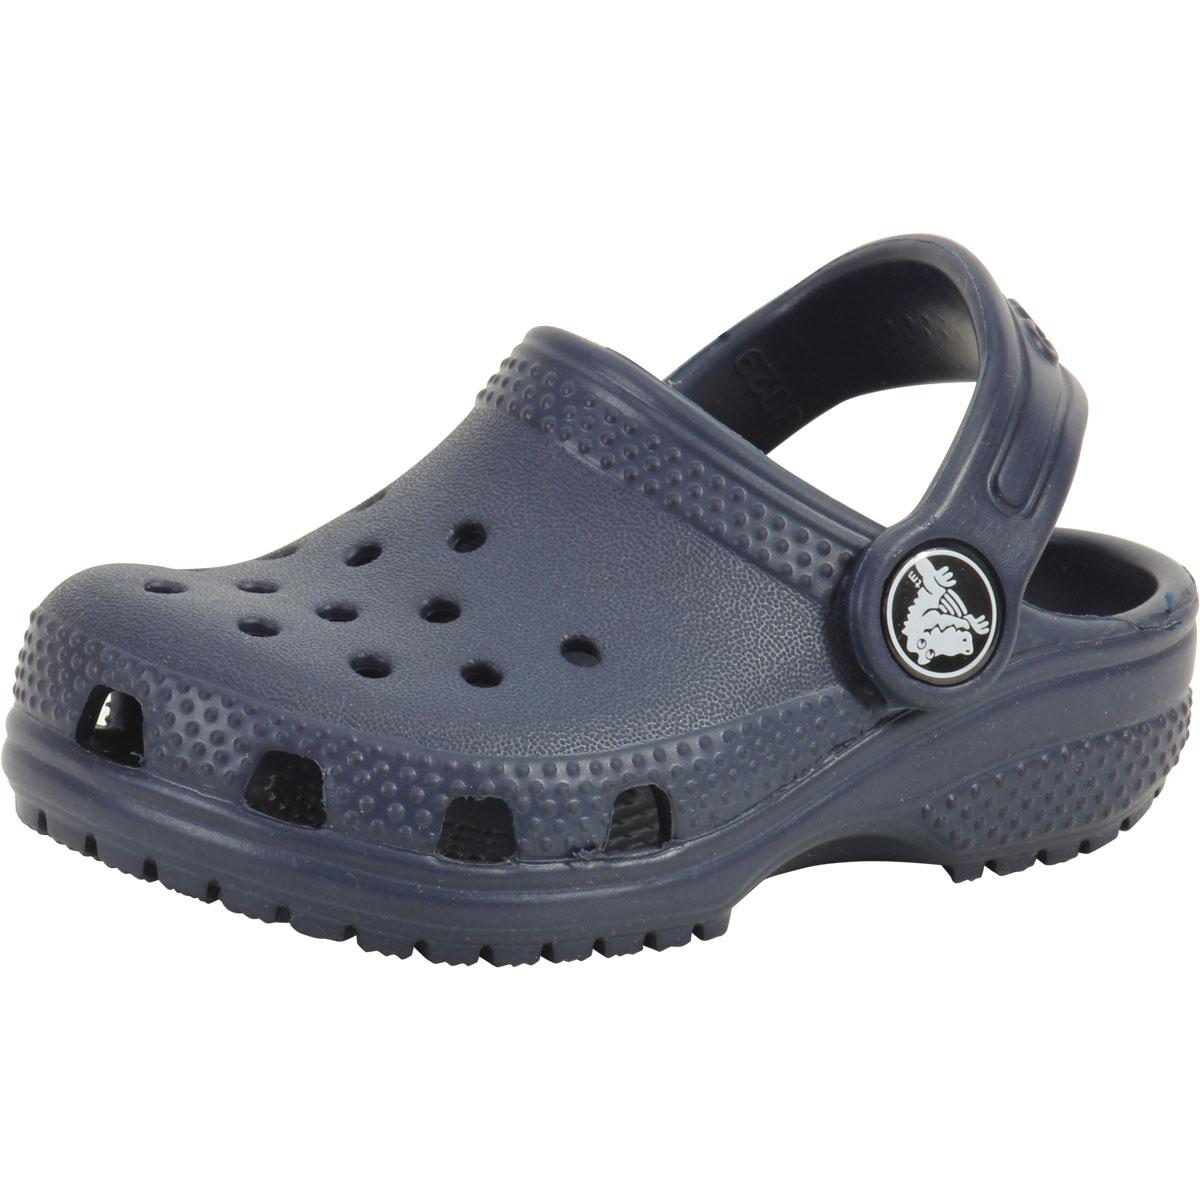 7035de544d250 Crocs Toddler Boy s Original Classic Navy Clogs Sandals Shoes Sz  6T ...